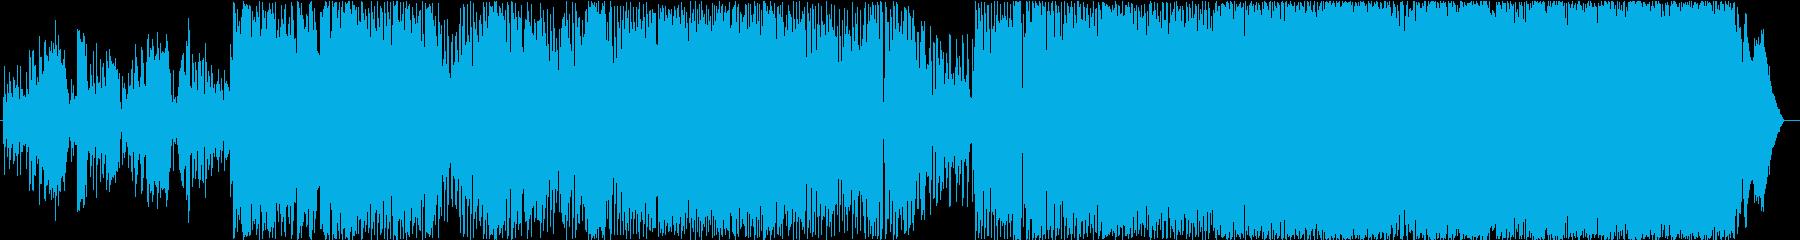 電話の再生済みの波形